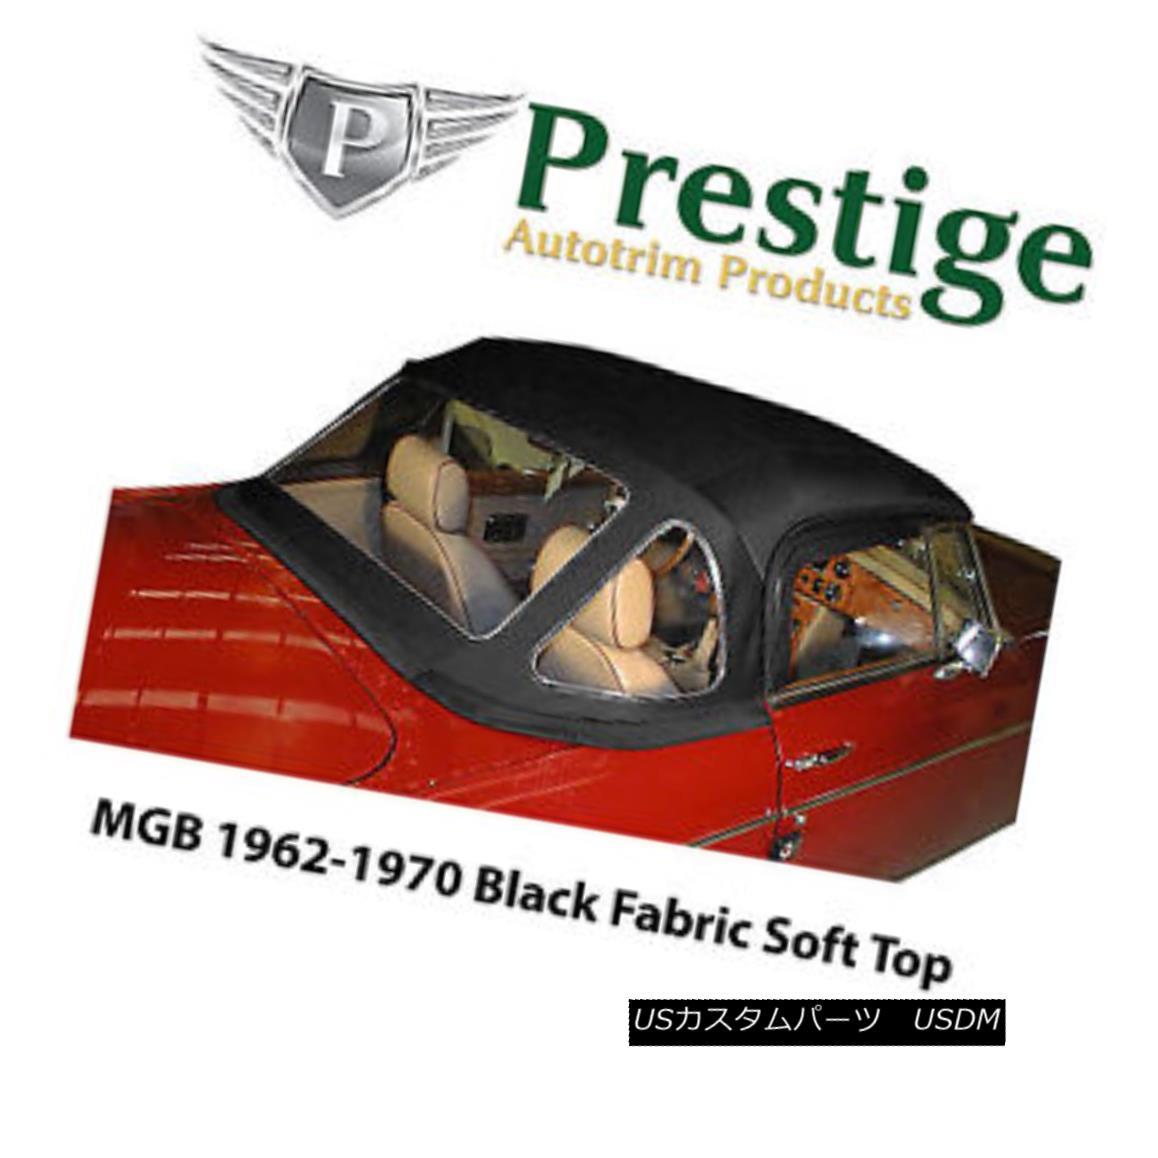 幌・ソフトトップ MGB/MGC Black Fabric Mohair Soft Tops Convertible Tops 1962-1970 MGB / MGCブラックファブリックMohairソフトトップス・コンバーチブル・トップス1962-1970